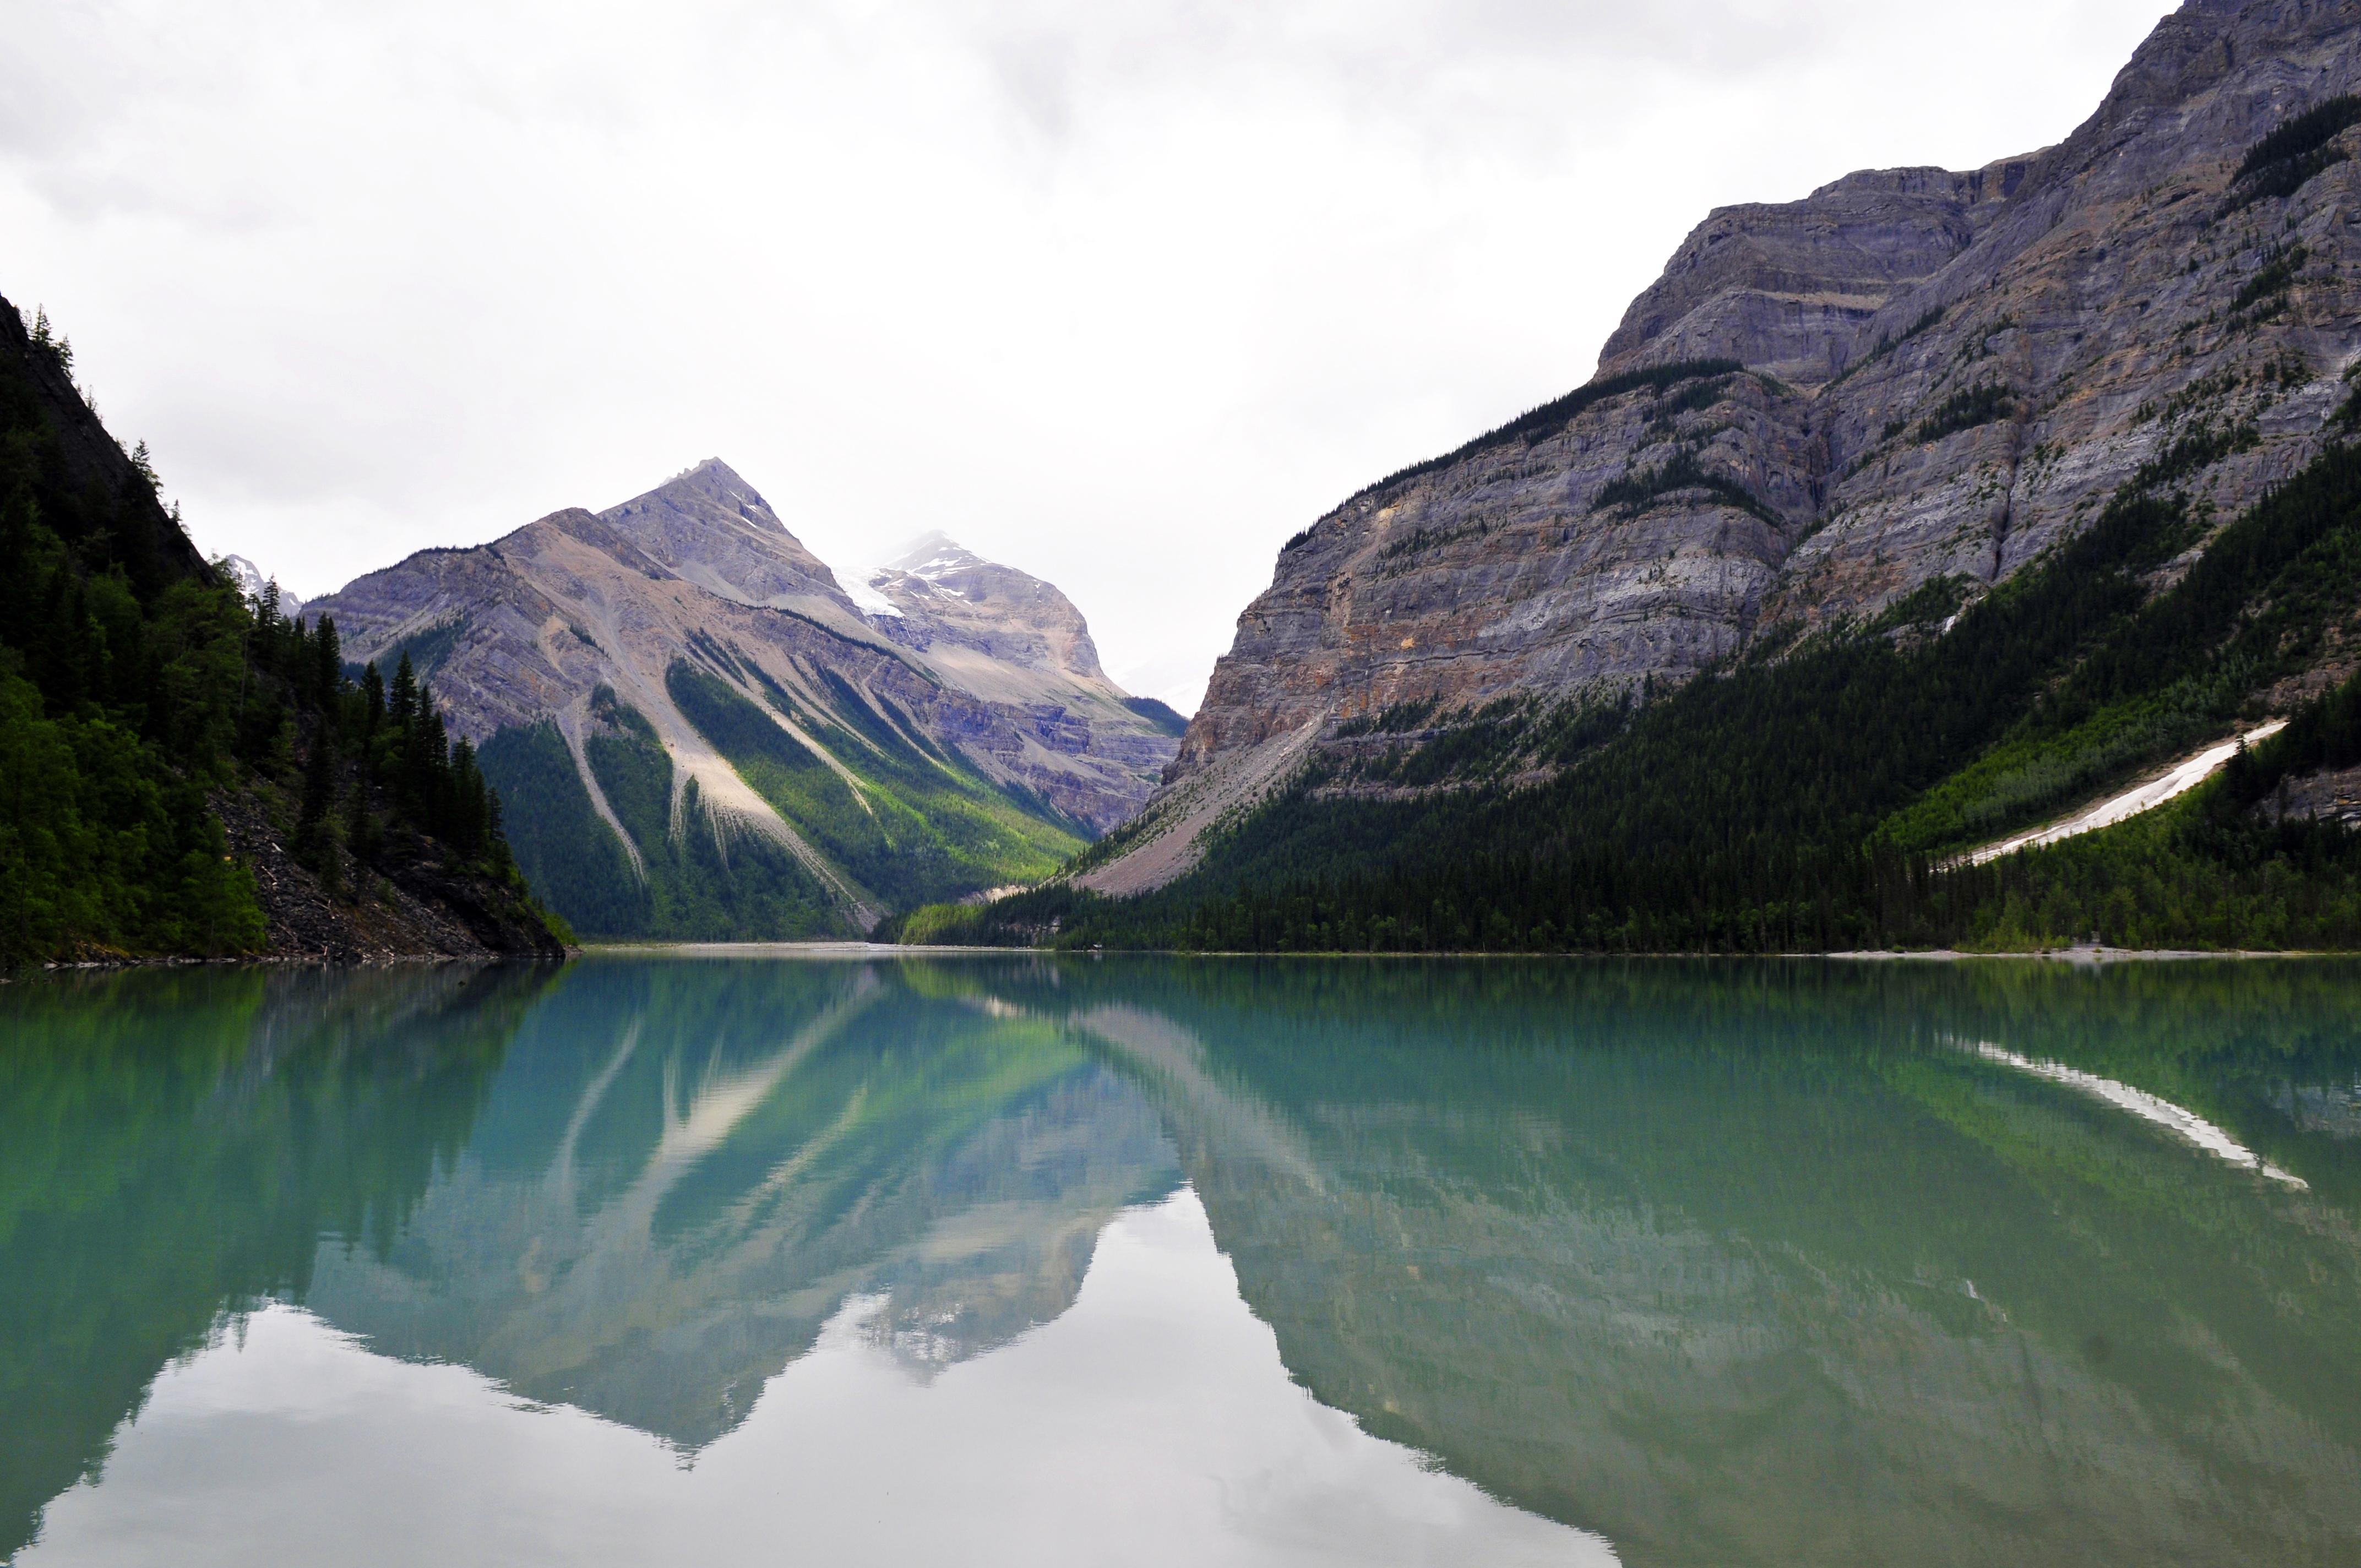 Sentier Berg Lake, BC